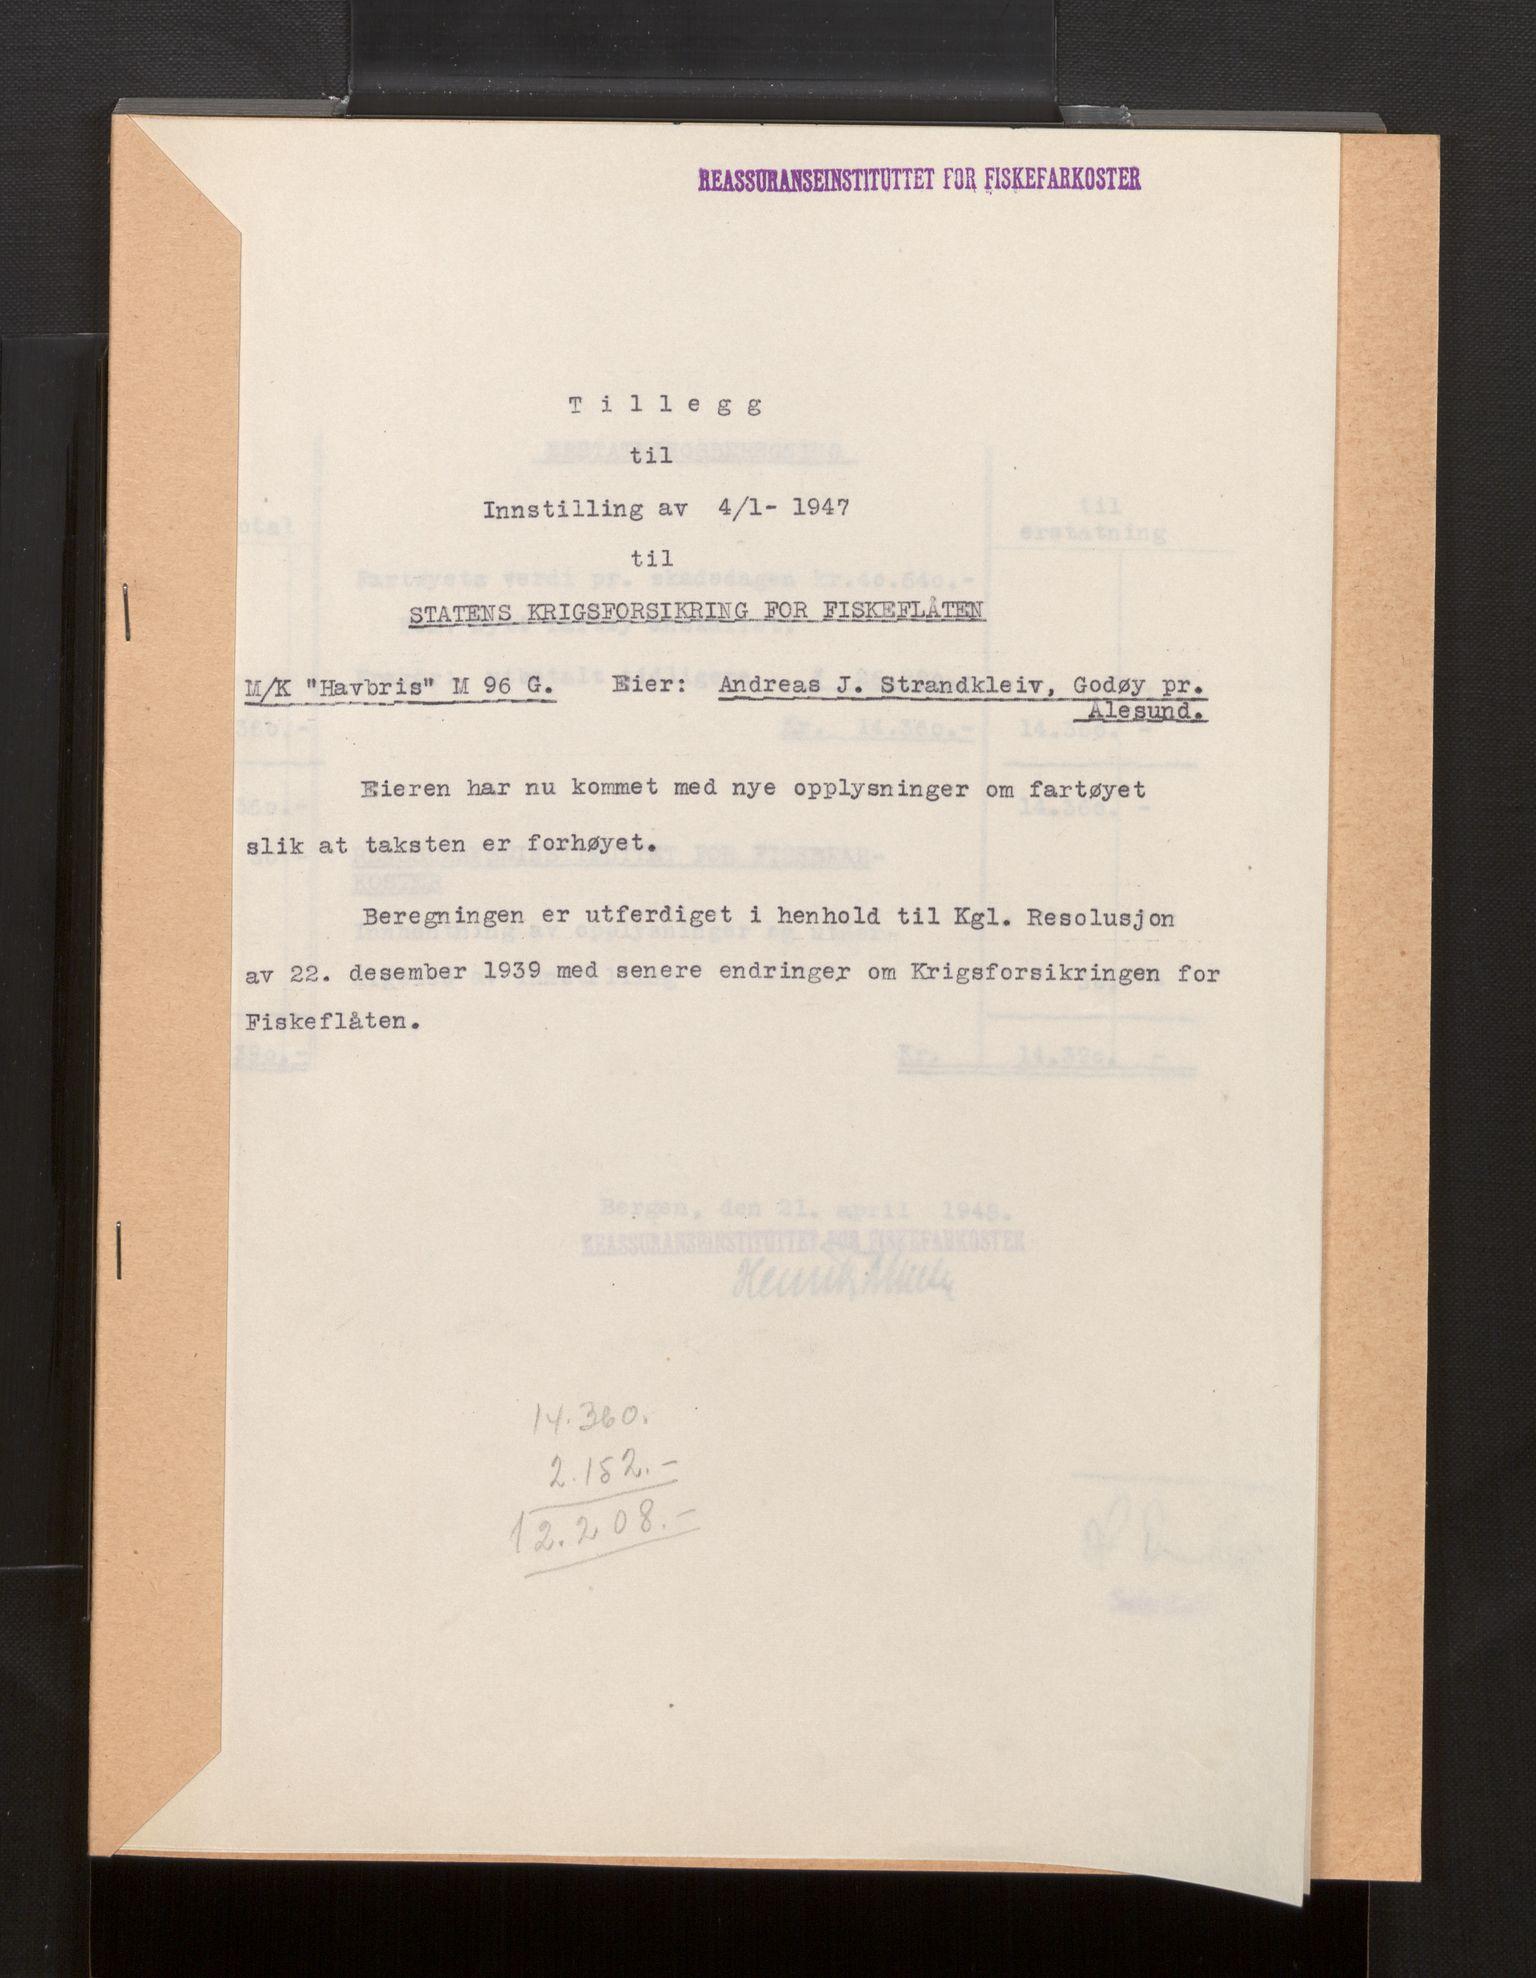 SAB, Fiskeridirektoratet - 1 Adm. ledelse - 13 Båtkontoret, La/L0042: Statens krigsforsikring for fiskeflåten, 1936-1971, p. 184